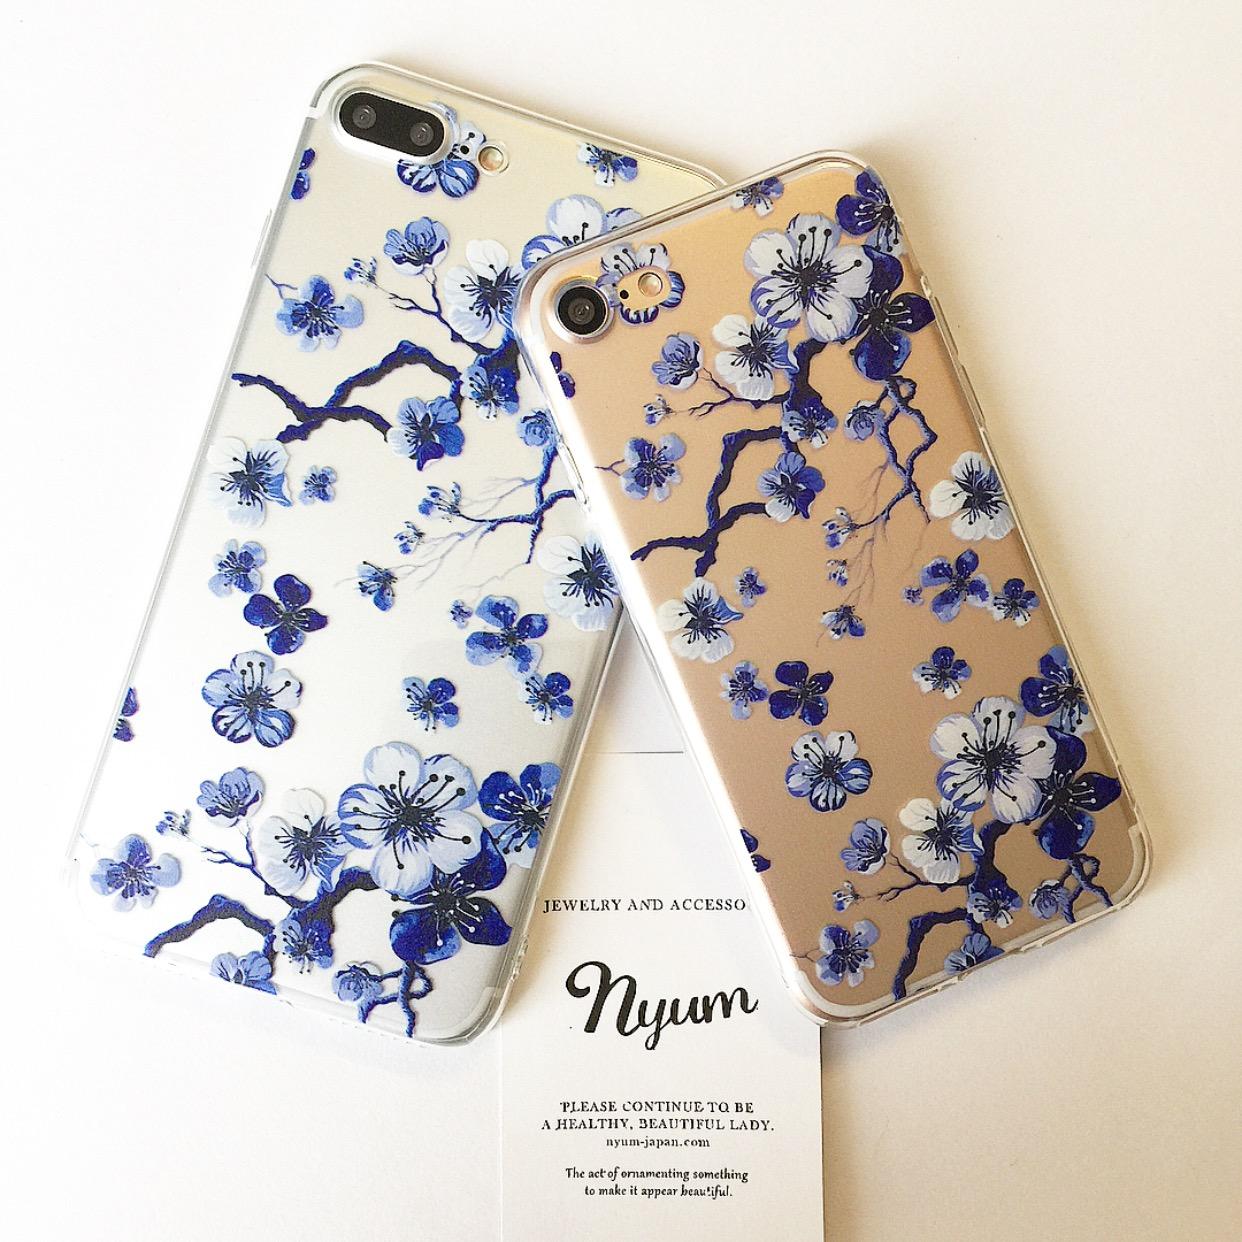 【iphone7/8/7plus/8plus】ブルーフラワー柄iphoneケース 花柄